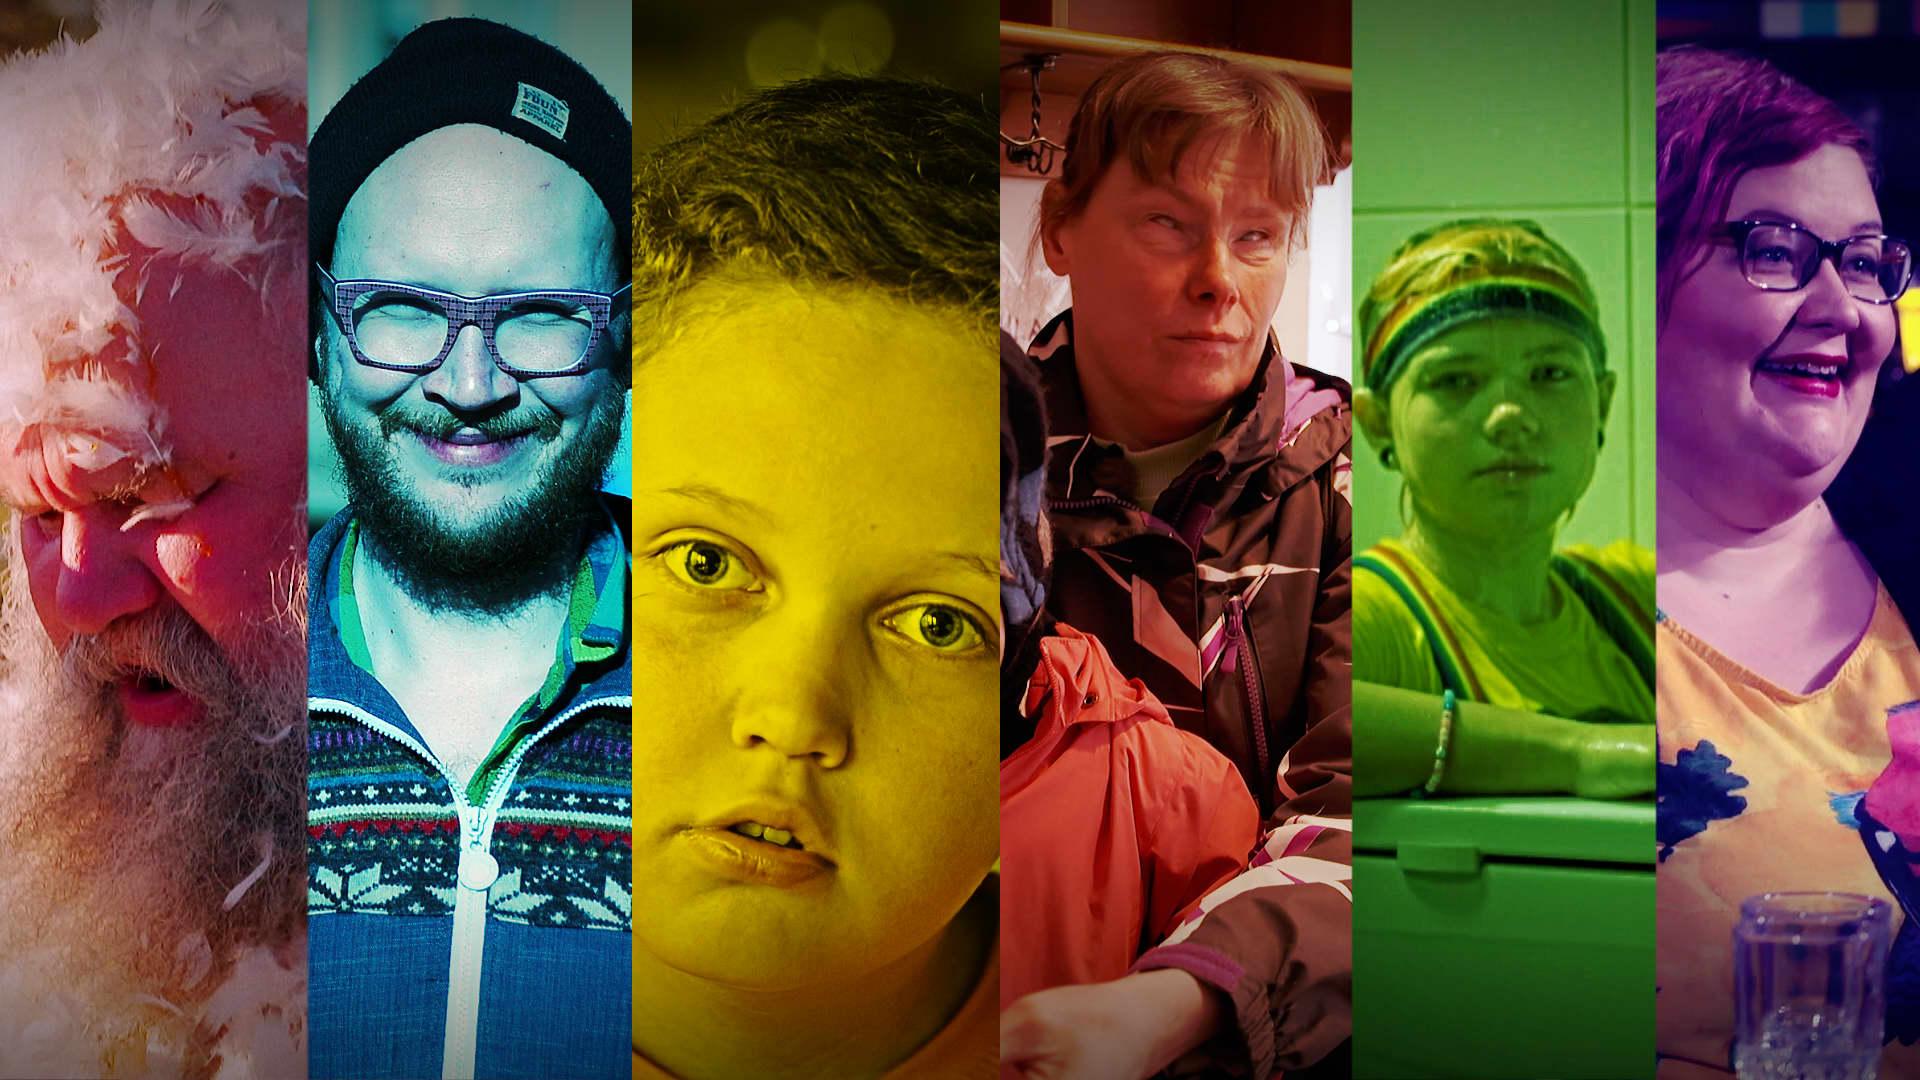 Perjantain vieraana nähdään 1. maaliskuuta Kari Tykkyläinen, Marzi Nyman, Eric Iljin, Meeri Korte, Mesi Kissaniitty ja Tinna Pehkonen.